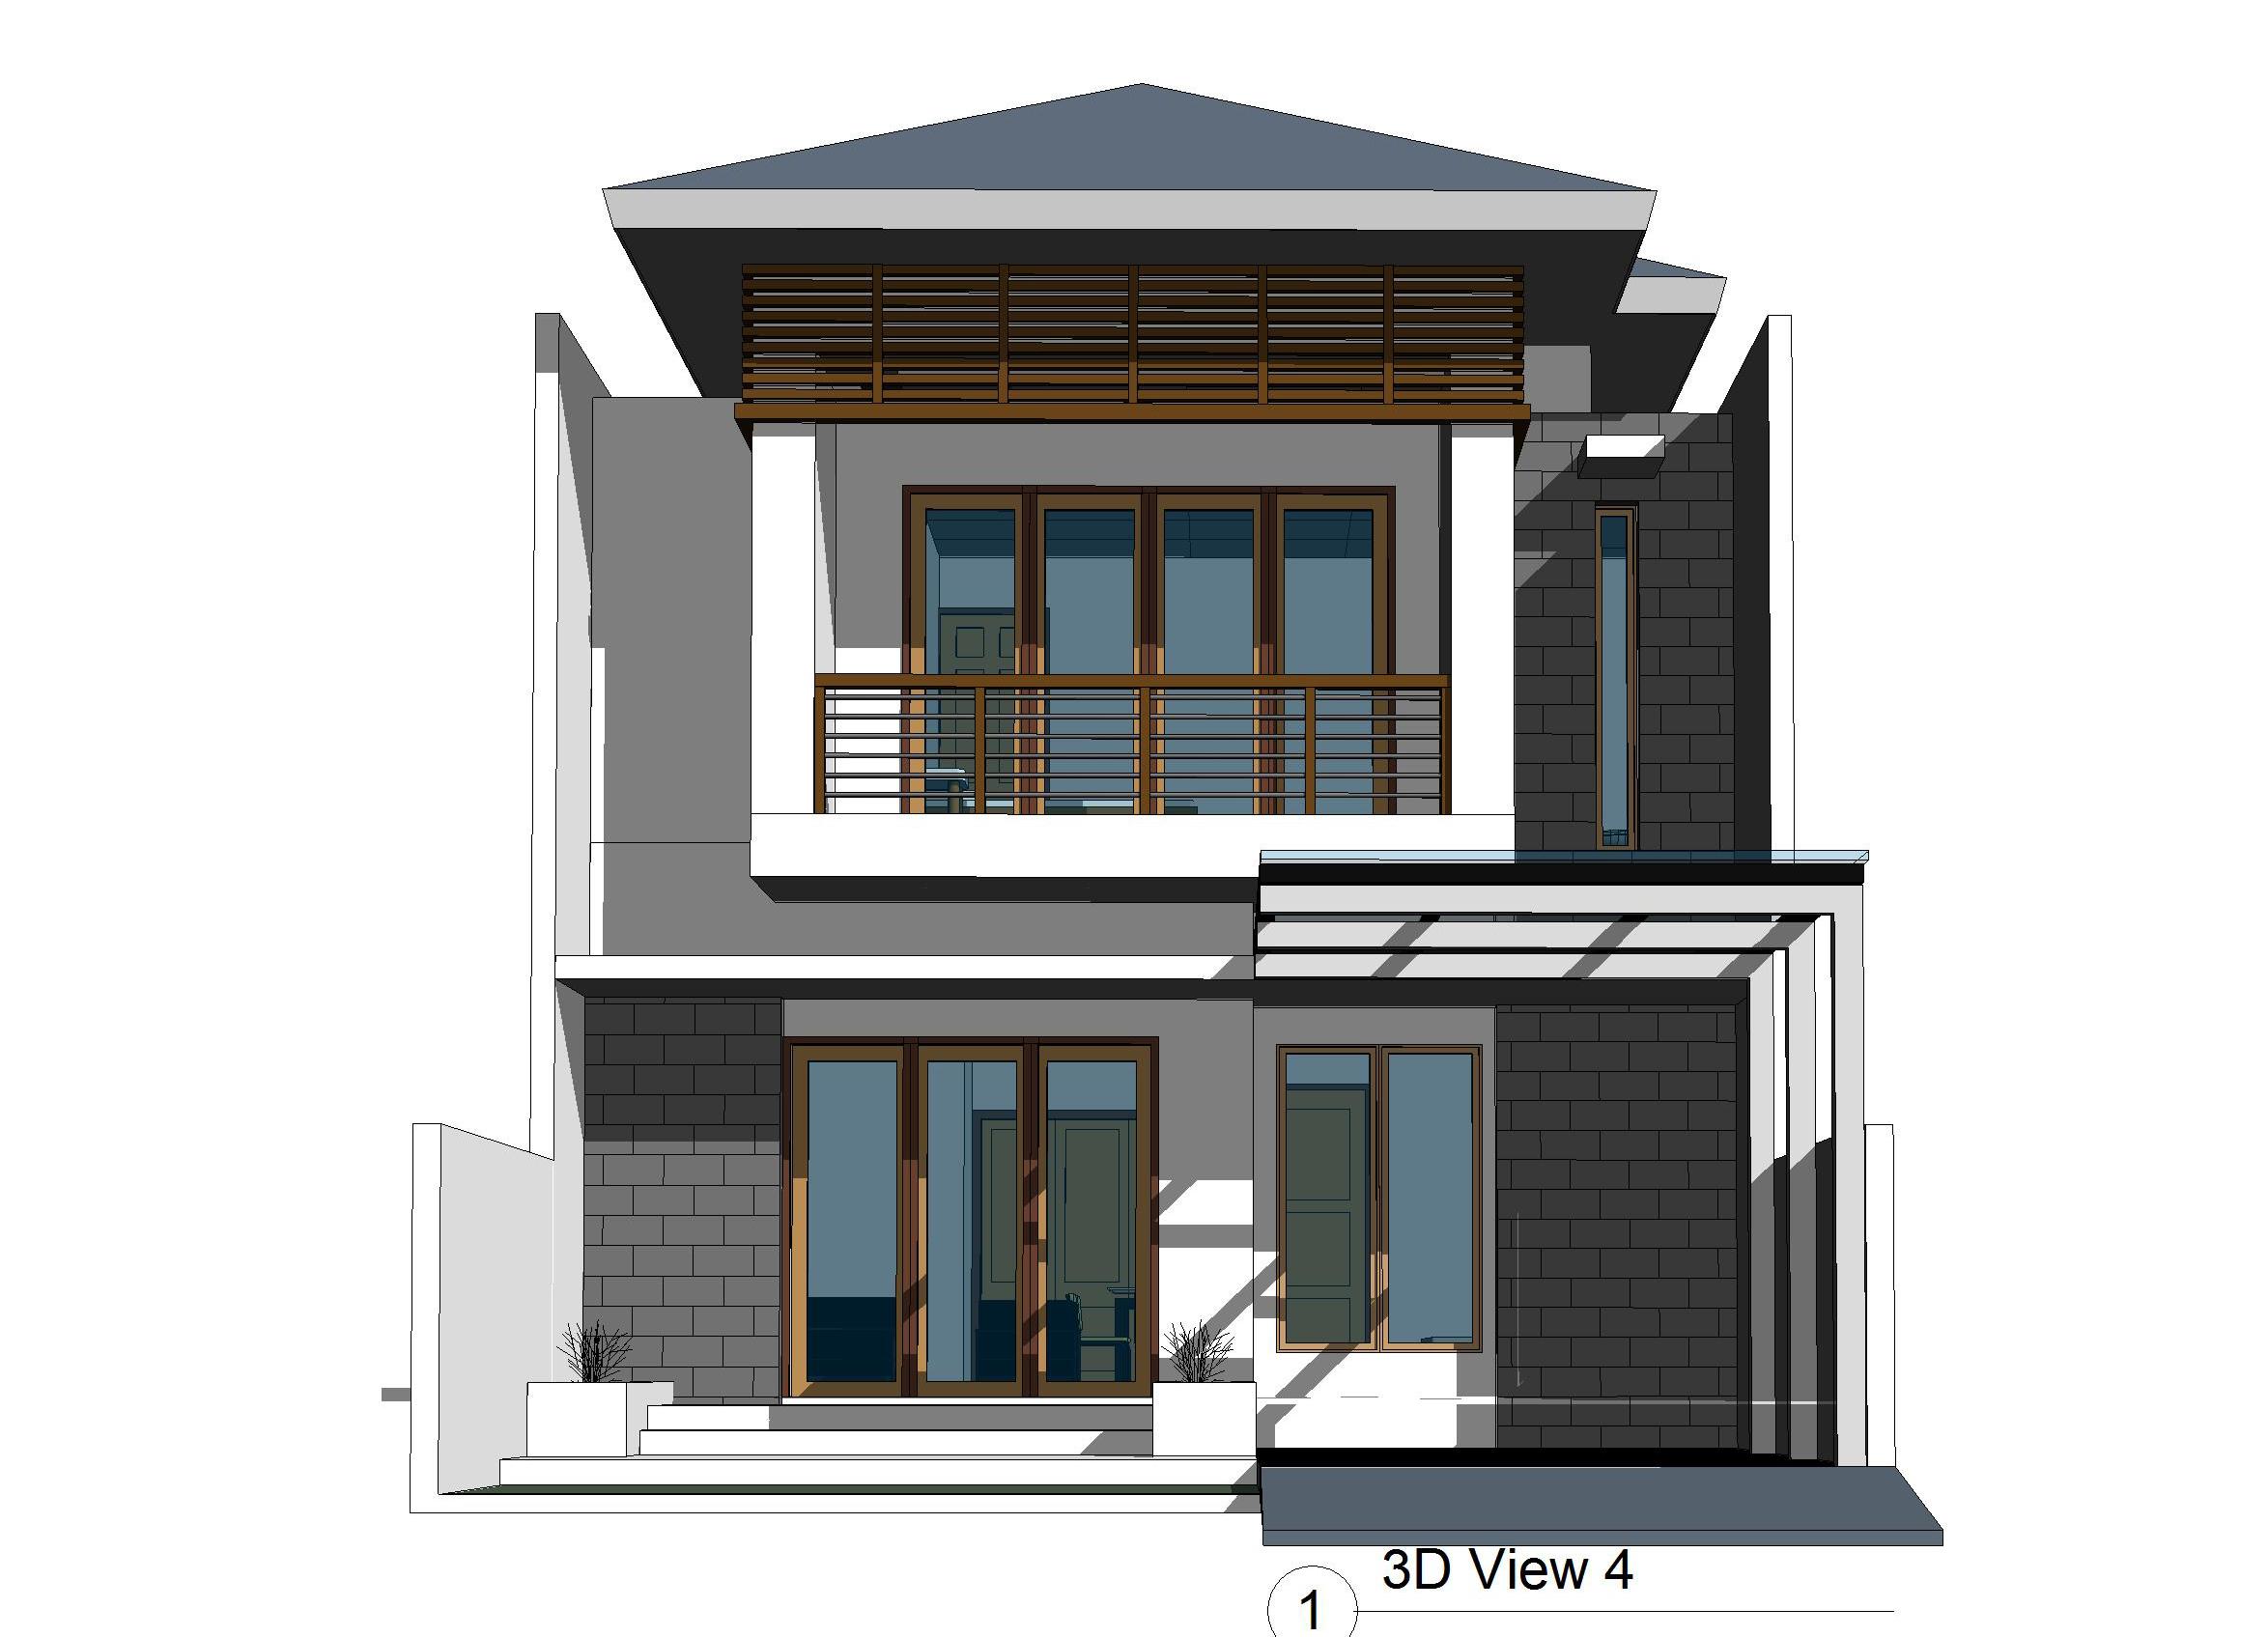 Desain Rumah 2 Lantai Ukuran 8 X 15 M2 Desain Rumah Online